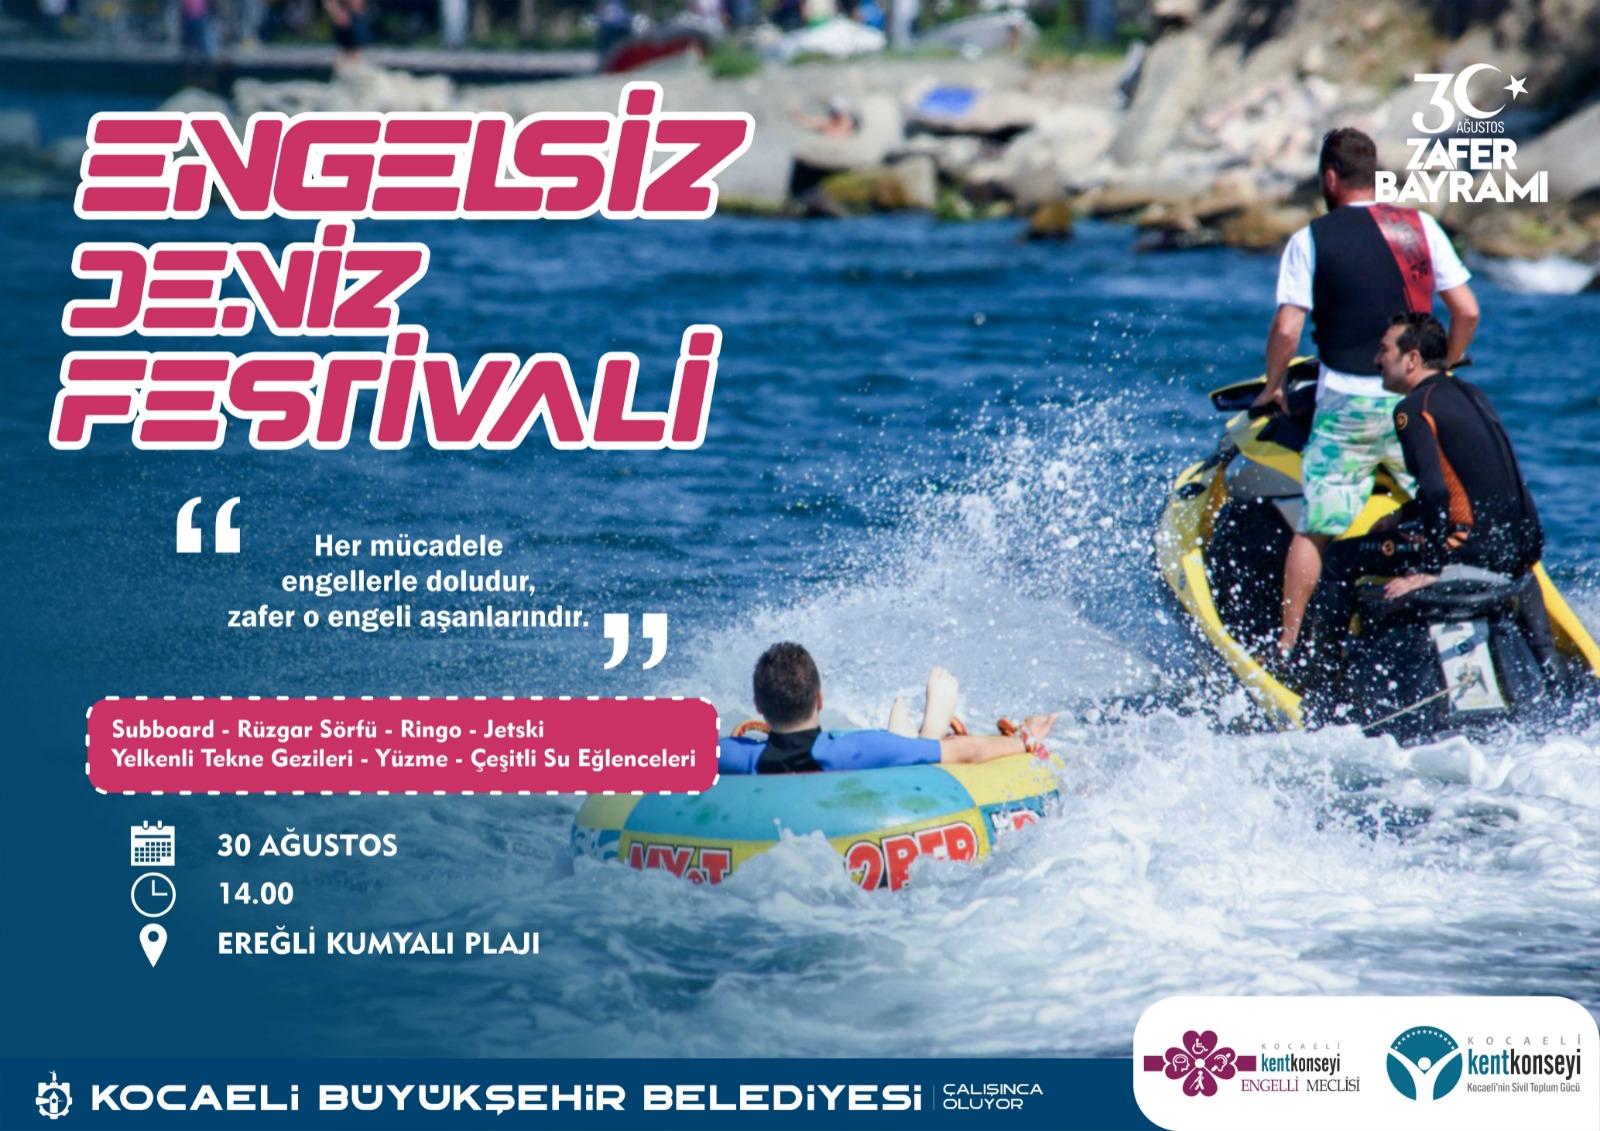 Kocaeli Büyükşehir'den Engelsiz Deniz Festivali